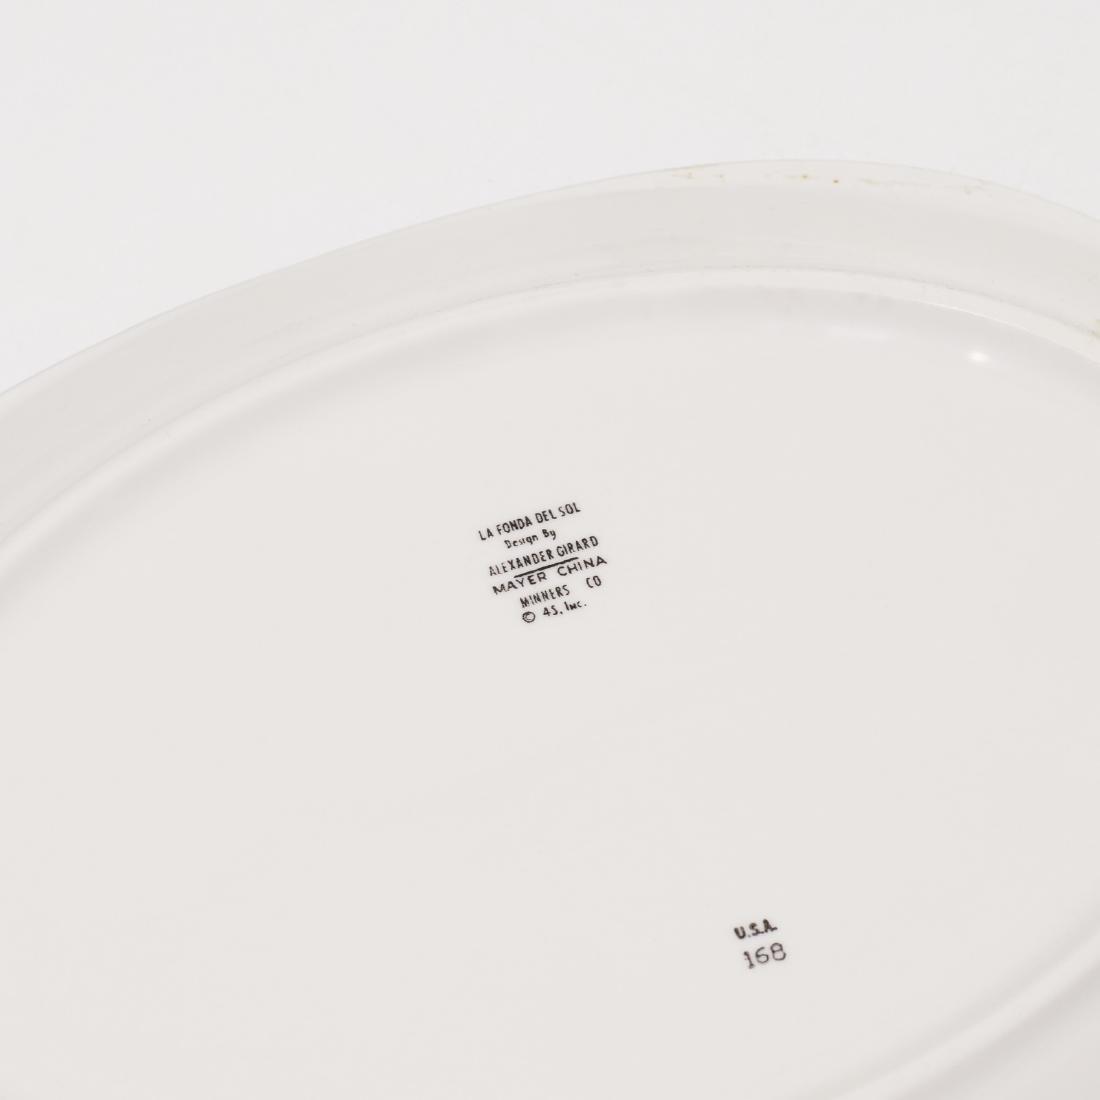 Girard, collection of tableware from La Fonda del Sol - 2